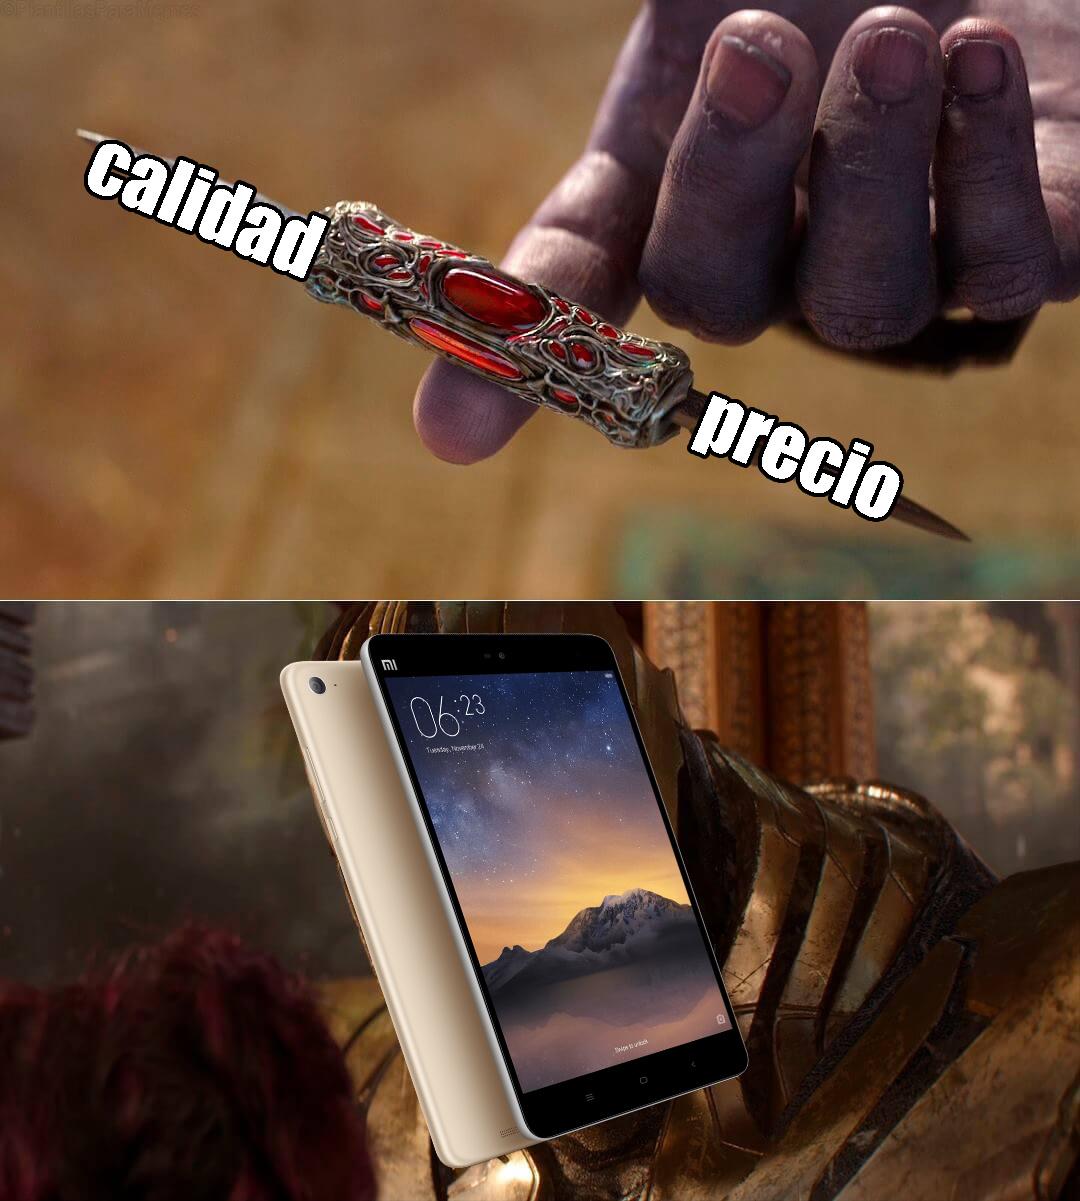 c4L1Dad Pr3c1O - meme